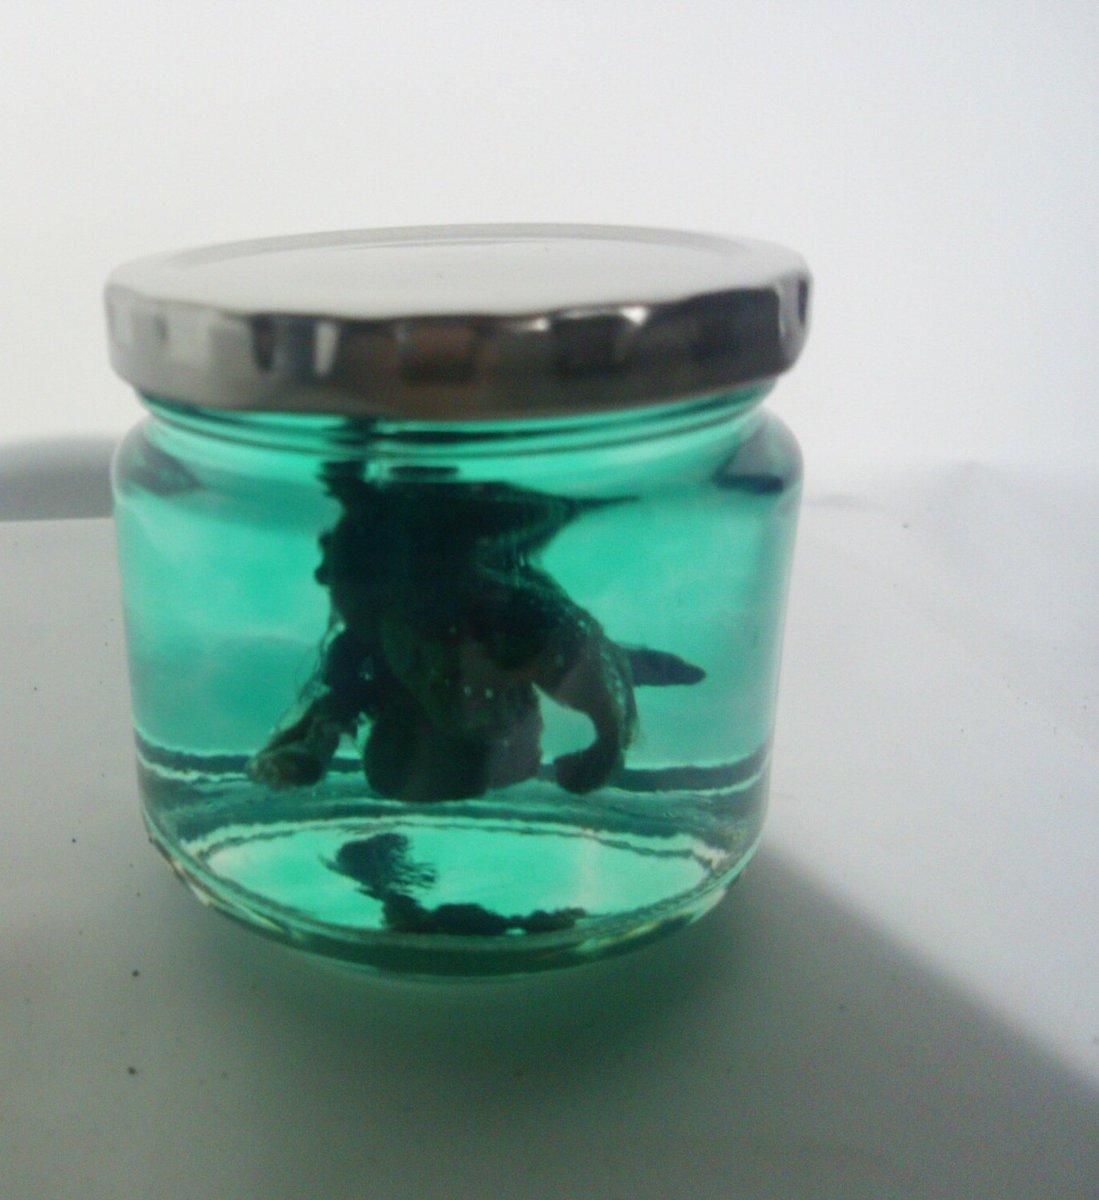 #ニワトリッタイ TLでみた、ダイソーの保水ポリマーパールを使ってカンゼンタイを瓶に封入してみた 下からライトを照らせば、バイオみを感じるできになったかな?